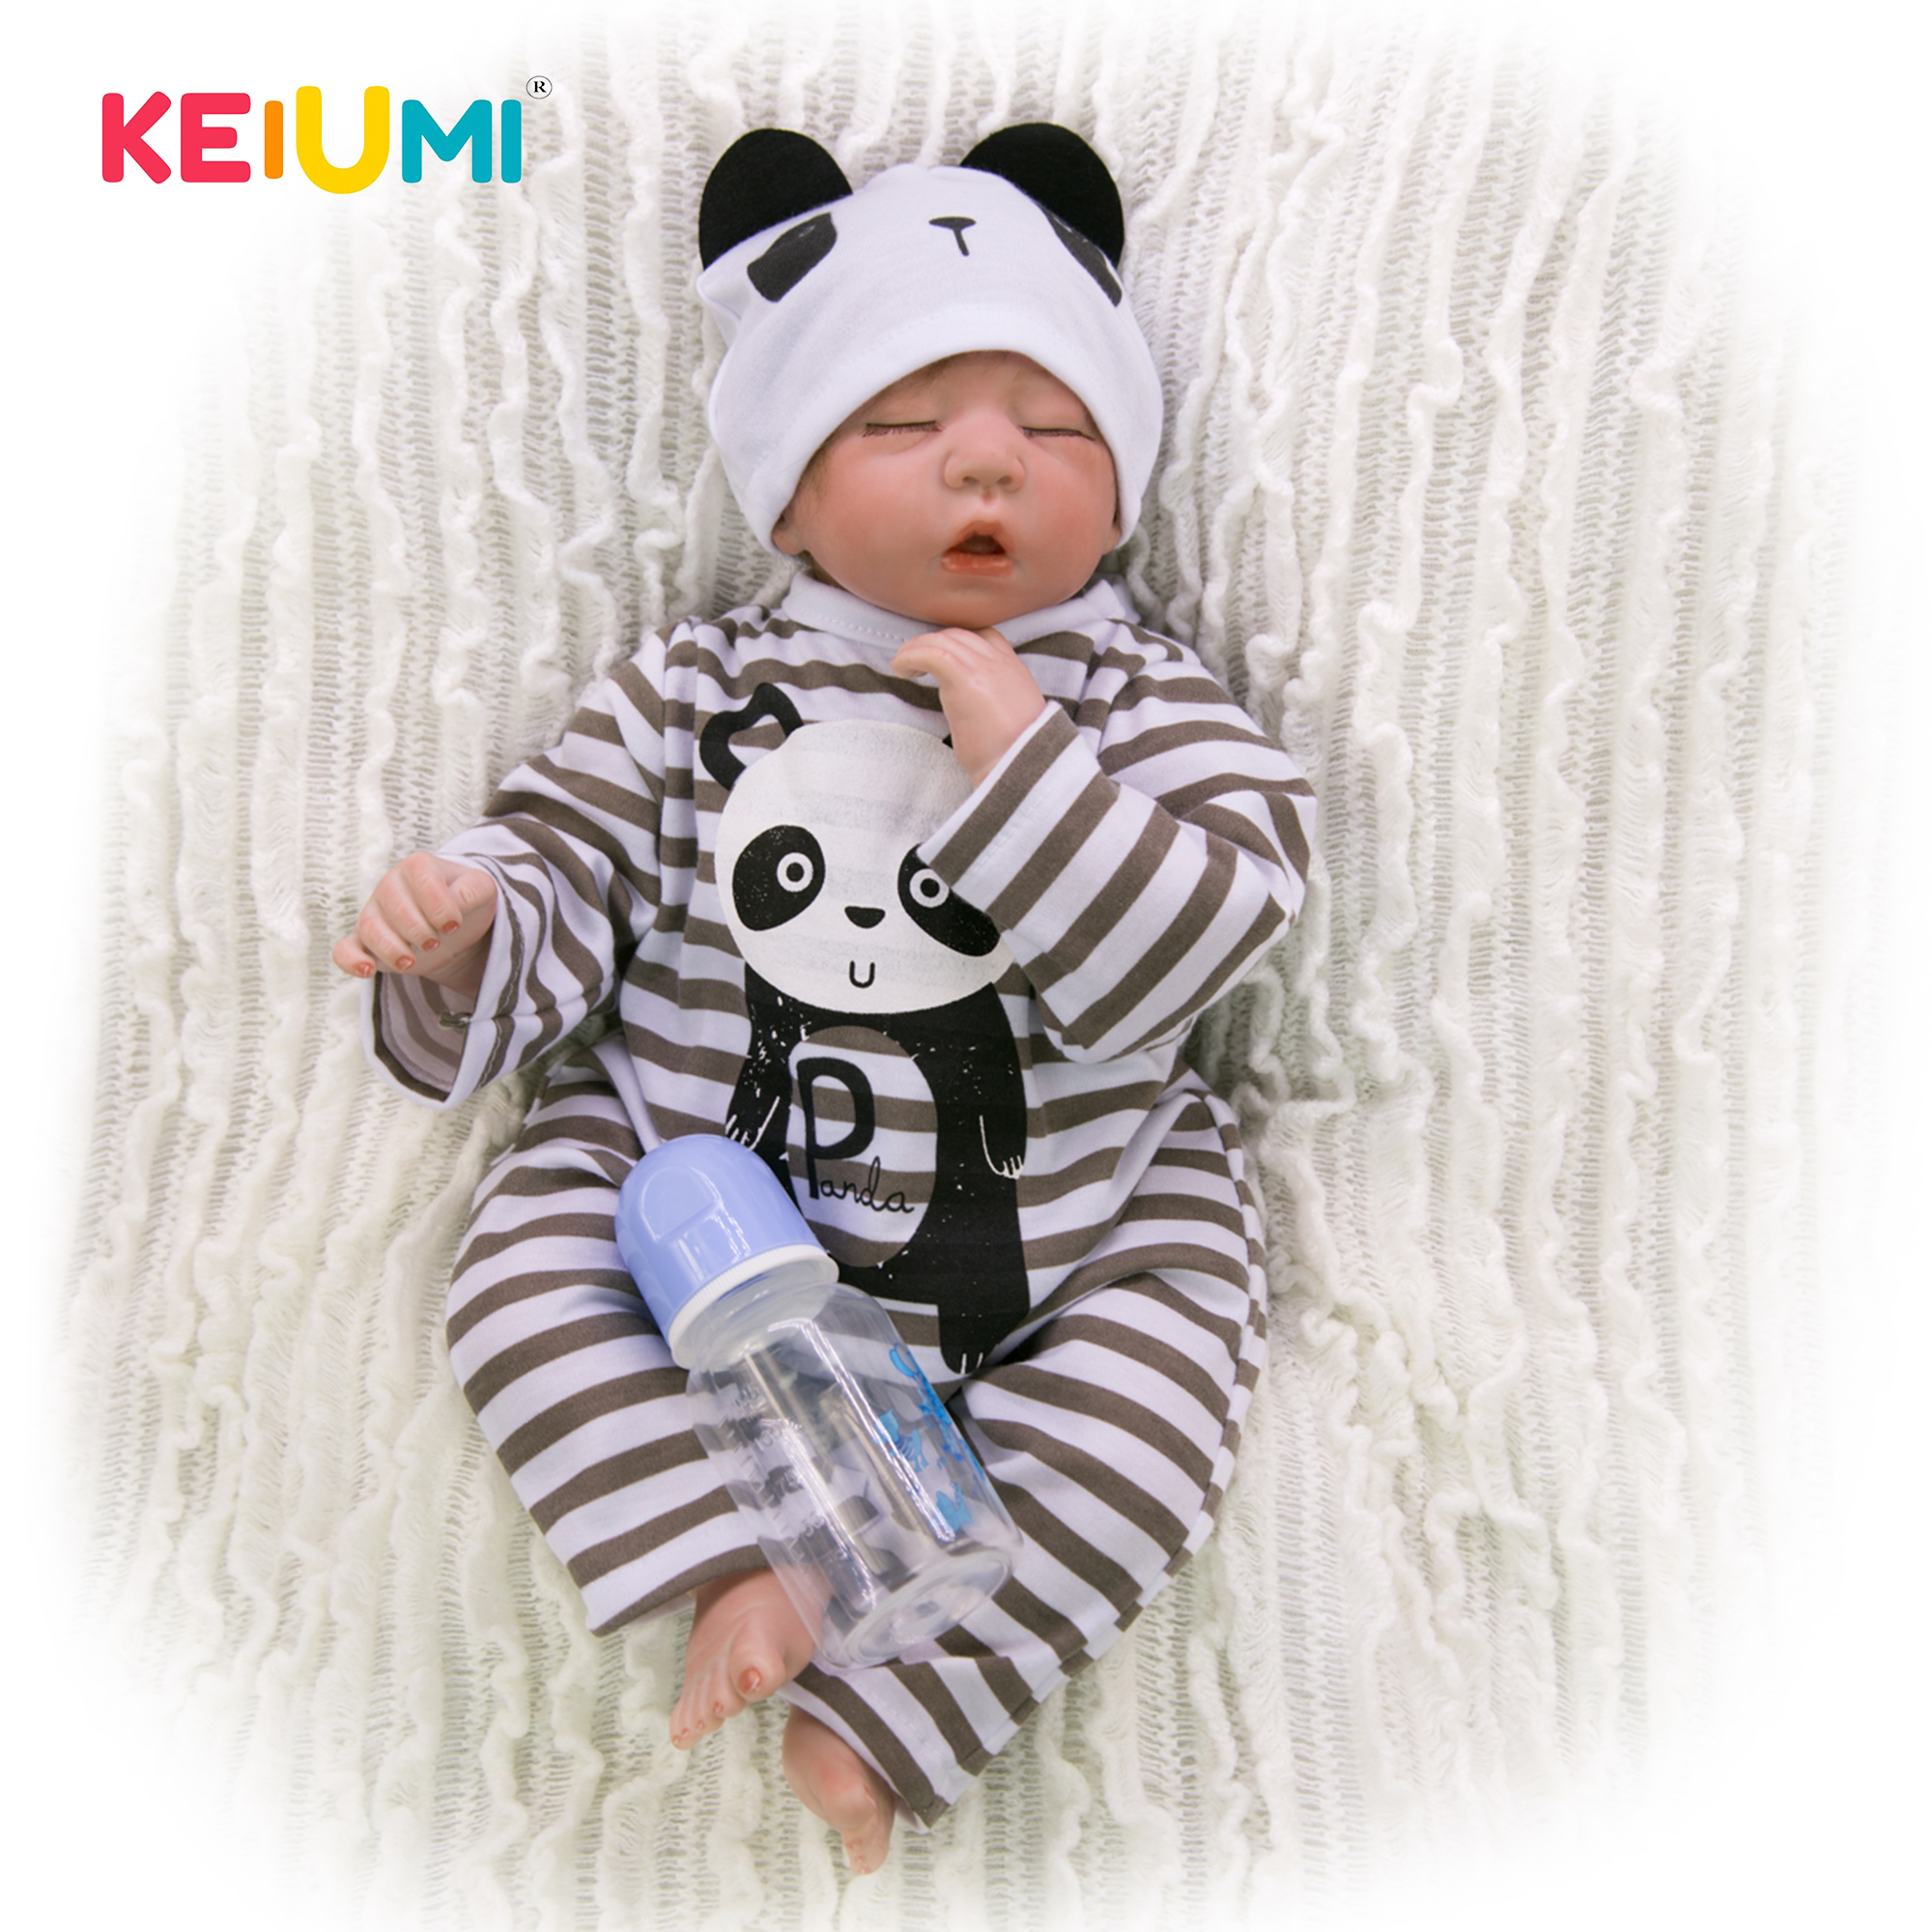 Wear Panda Romper 20 Inch Reborn Baby Dolls Soft Silicone Newborn Sleeping Babies Toy Lifelike Doll